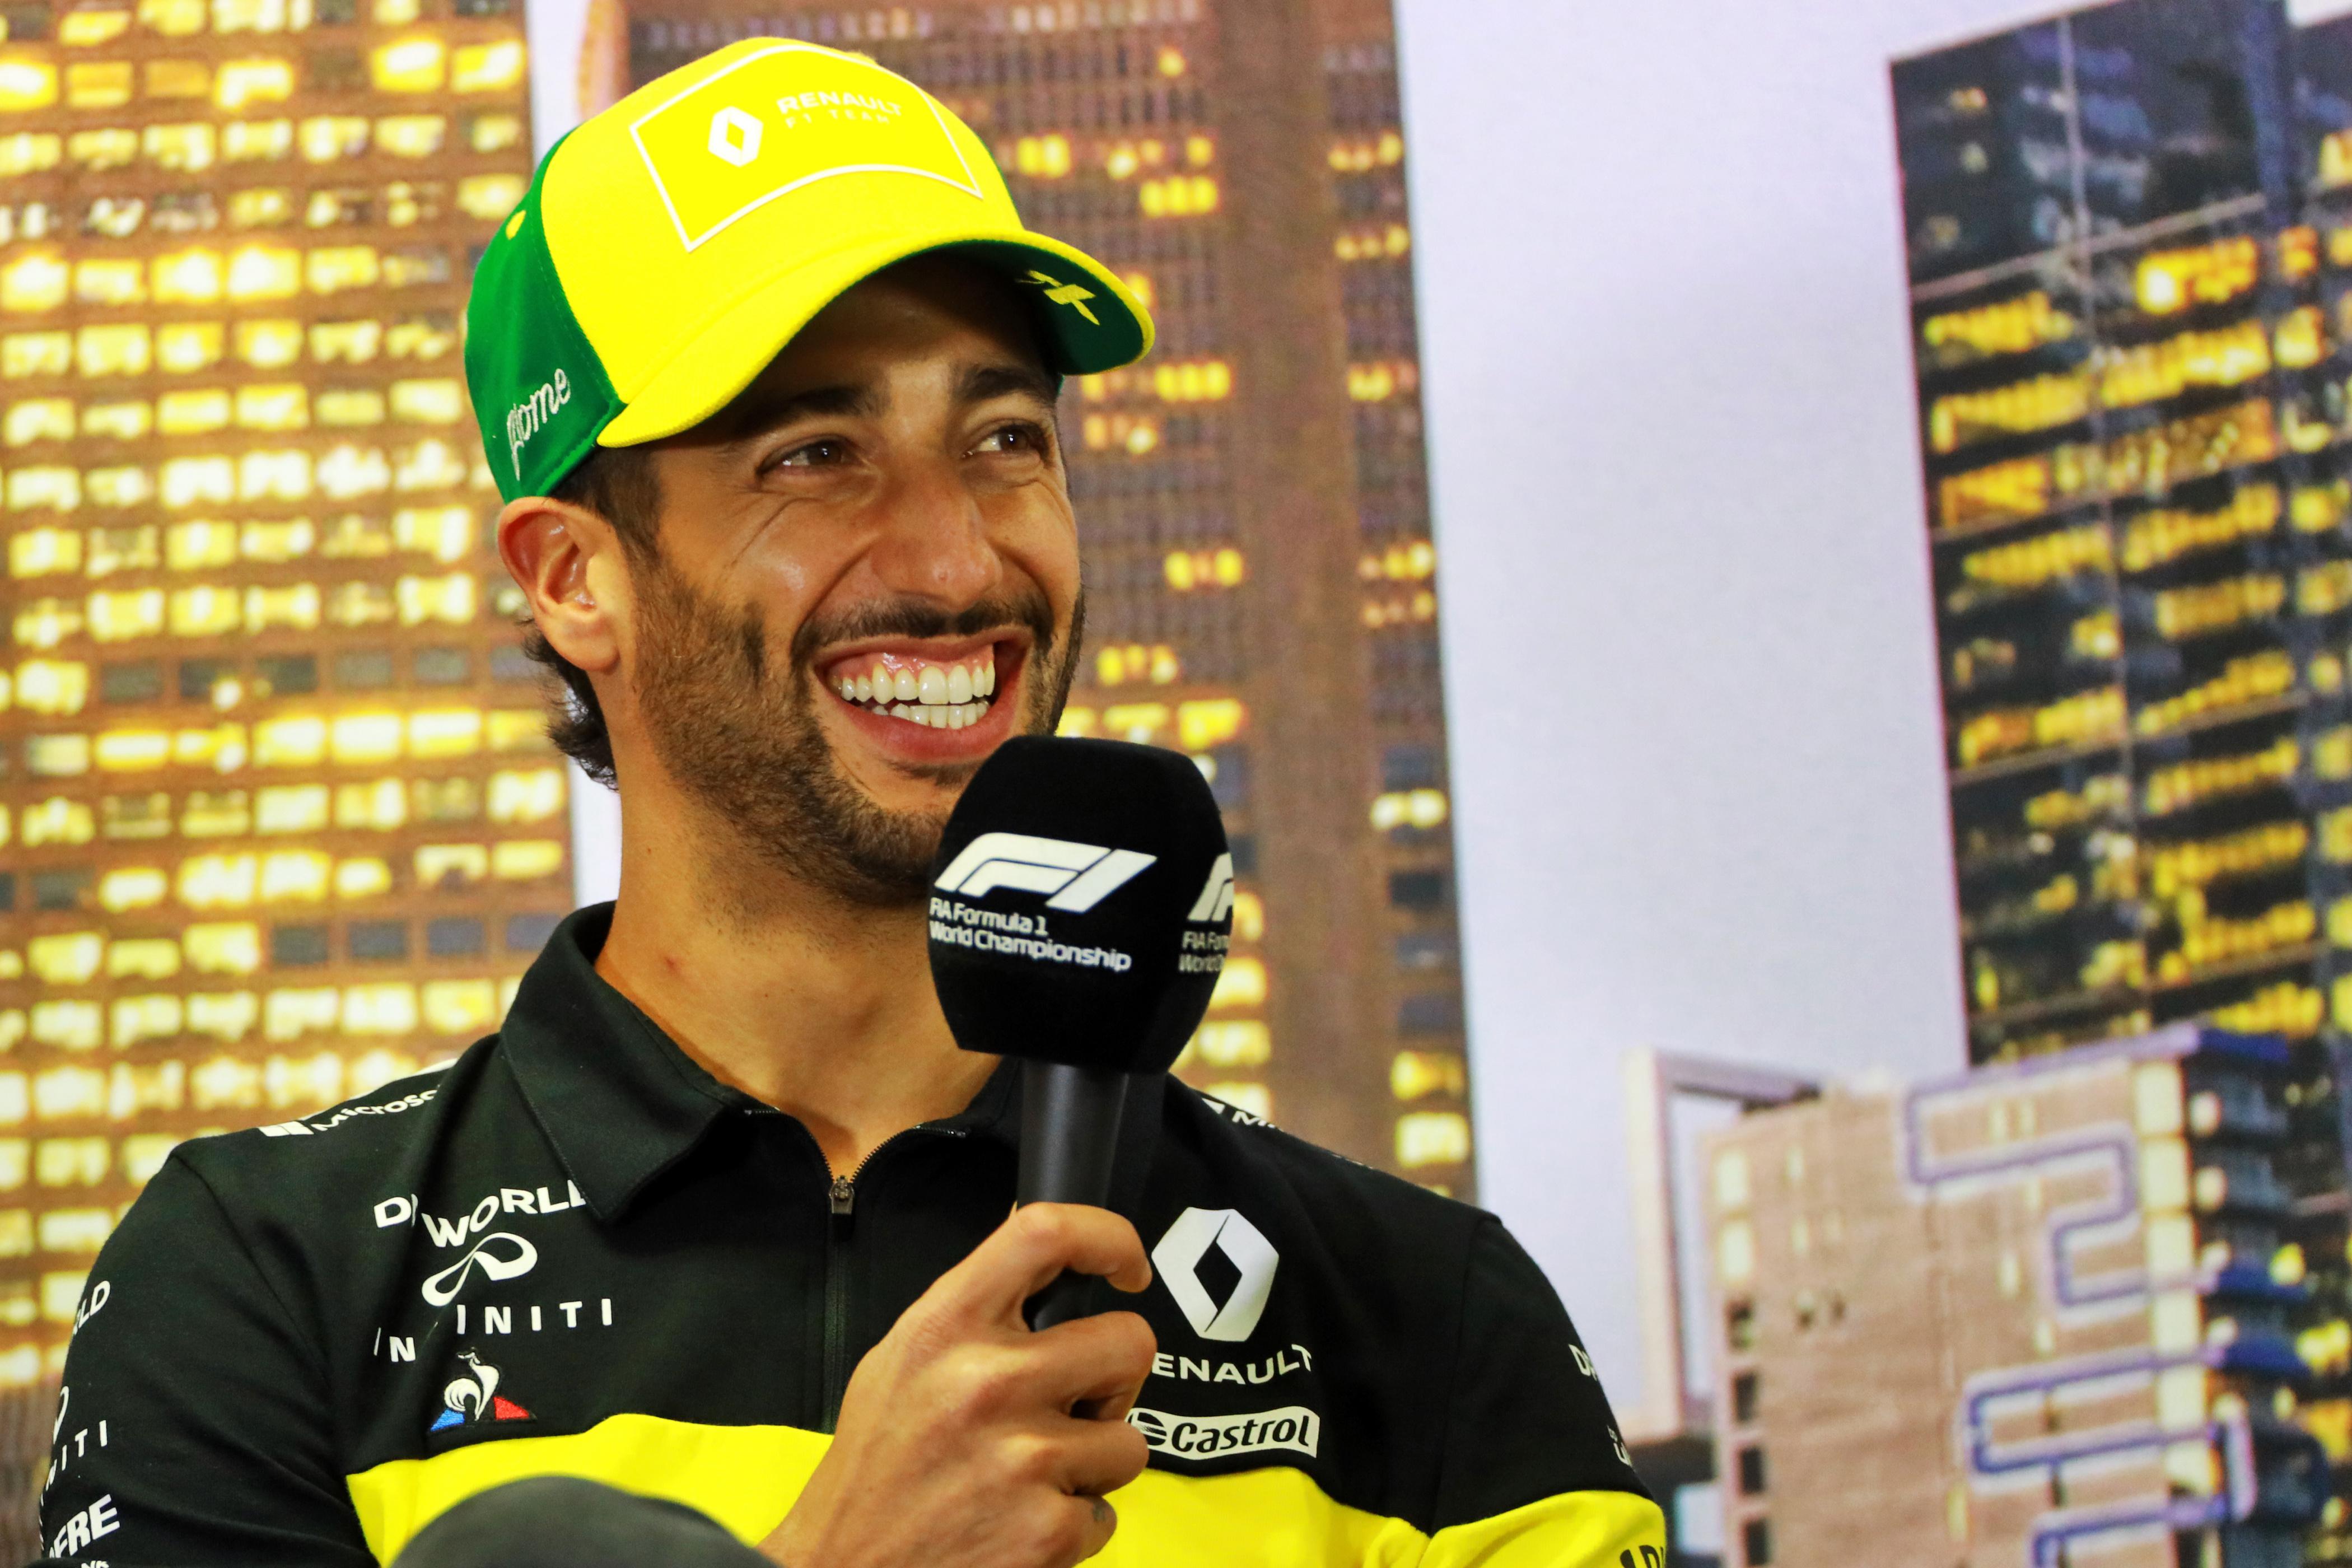 Hivatalos: Sainz távozik a McLarentől, Ricciardo váltja